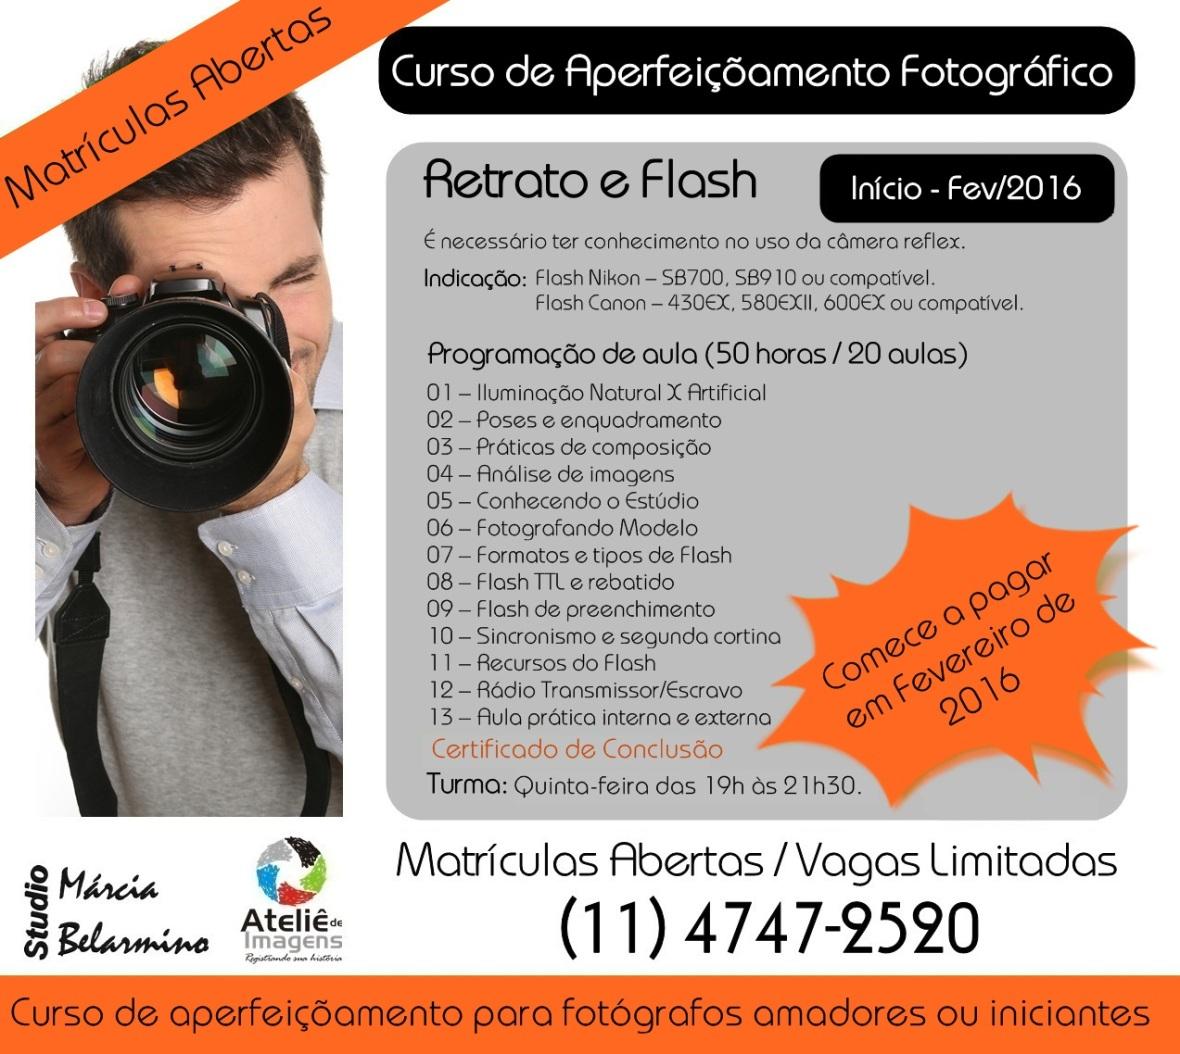 Divulgação Módulo II -  Retrato e Flash - FEVEREIRO 2016